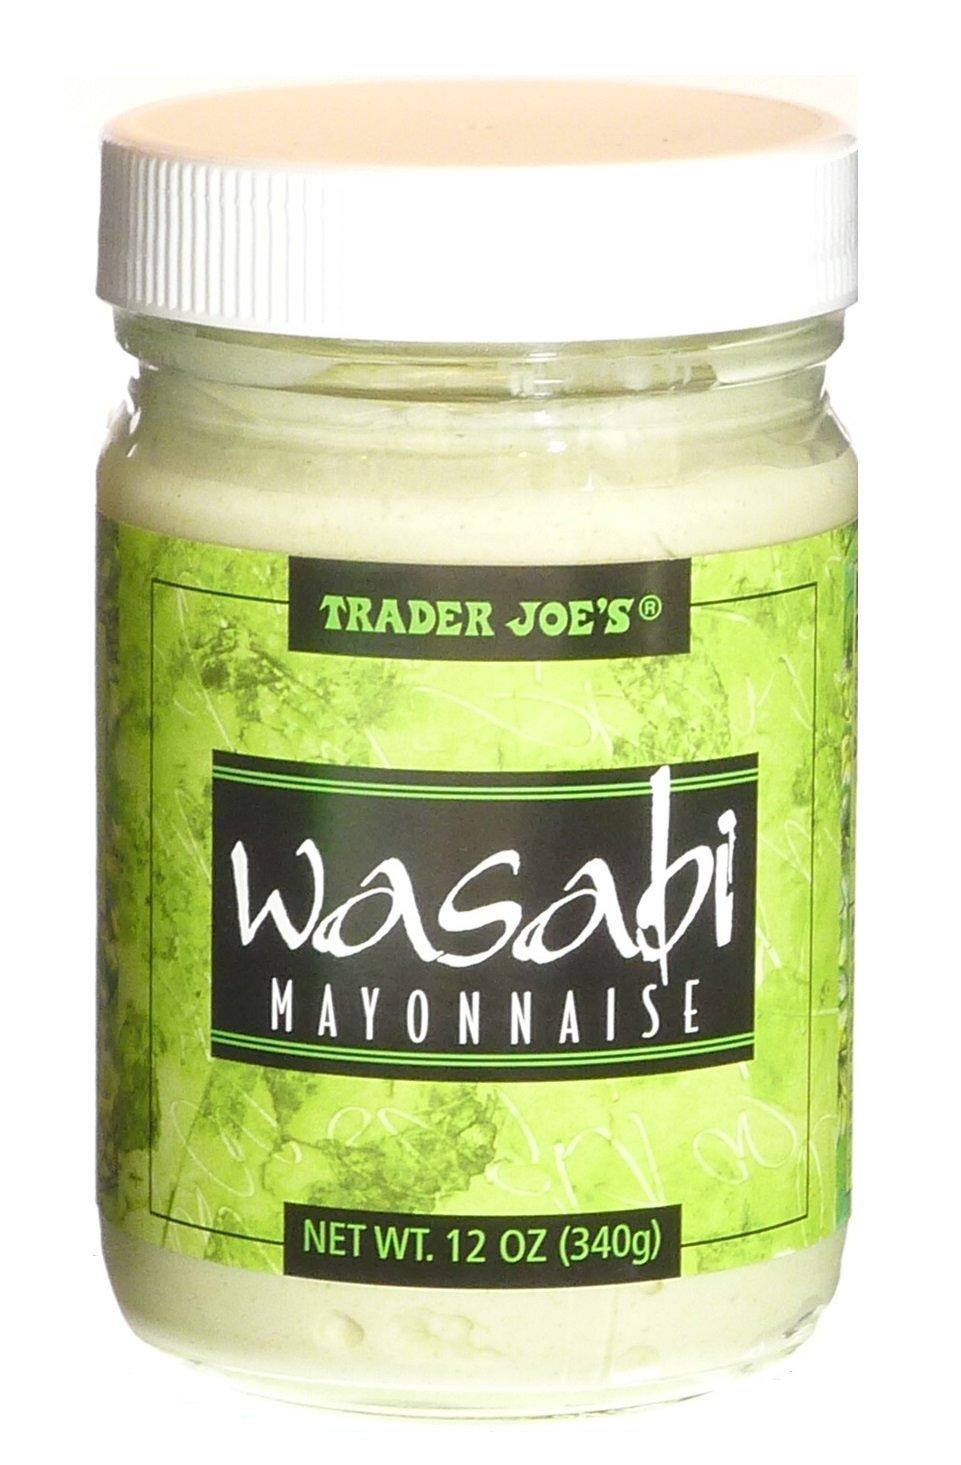 Wasabi Mayonnaise Sauce Joe's Wasabi Mayonnaise